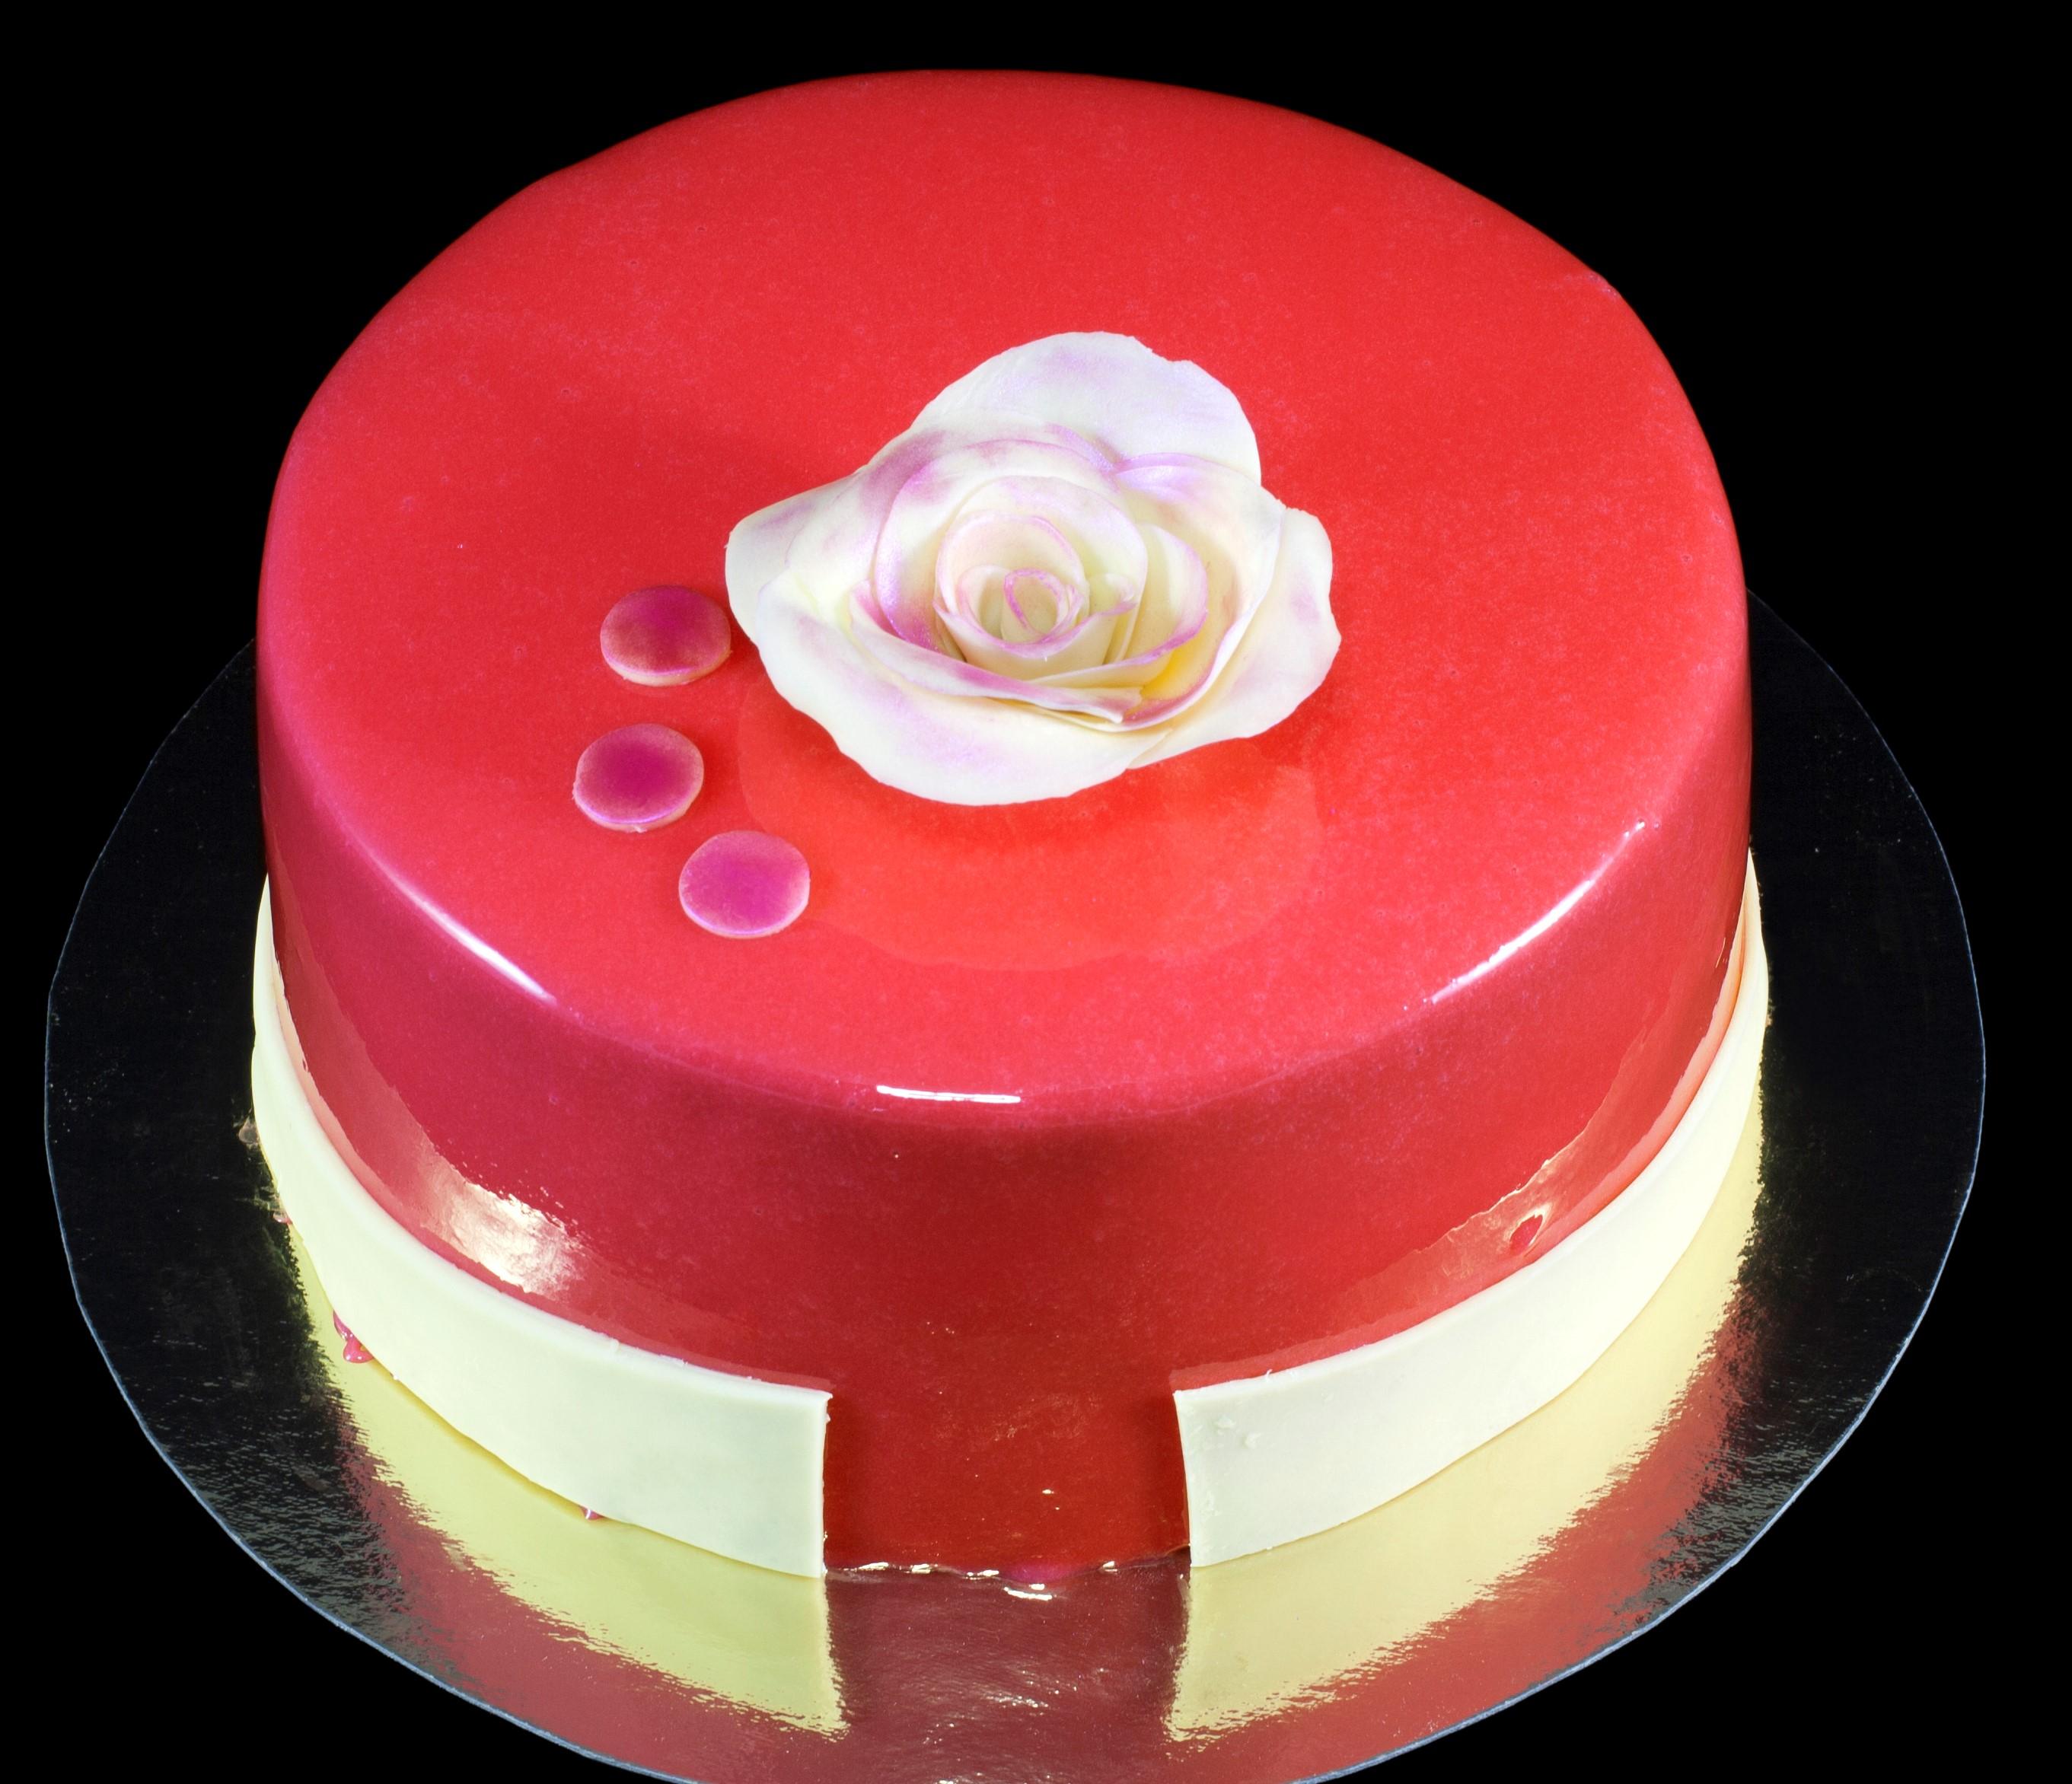 Röd glansig tårta.